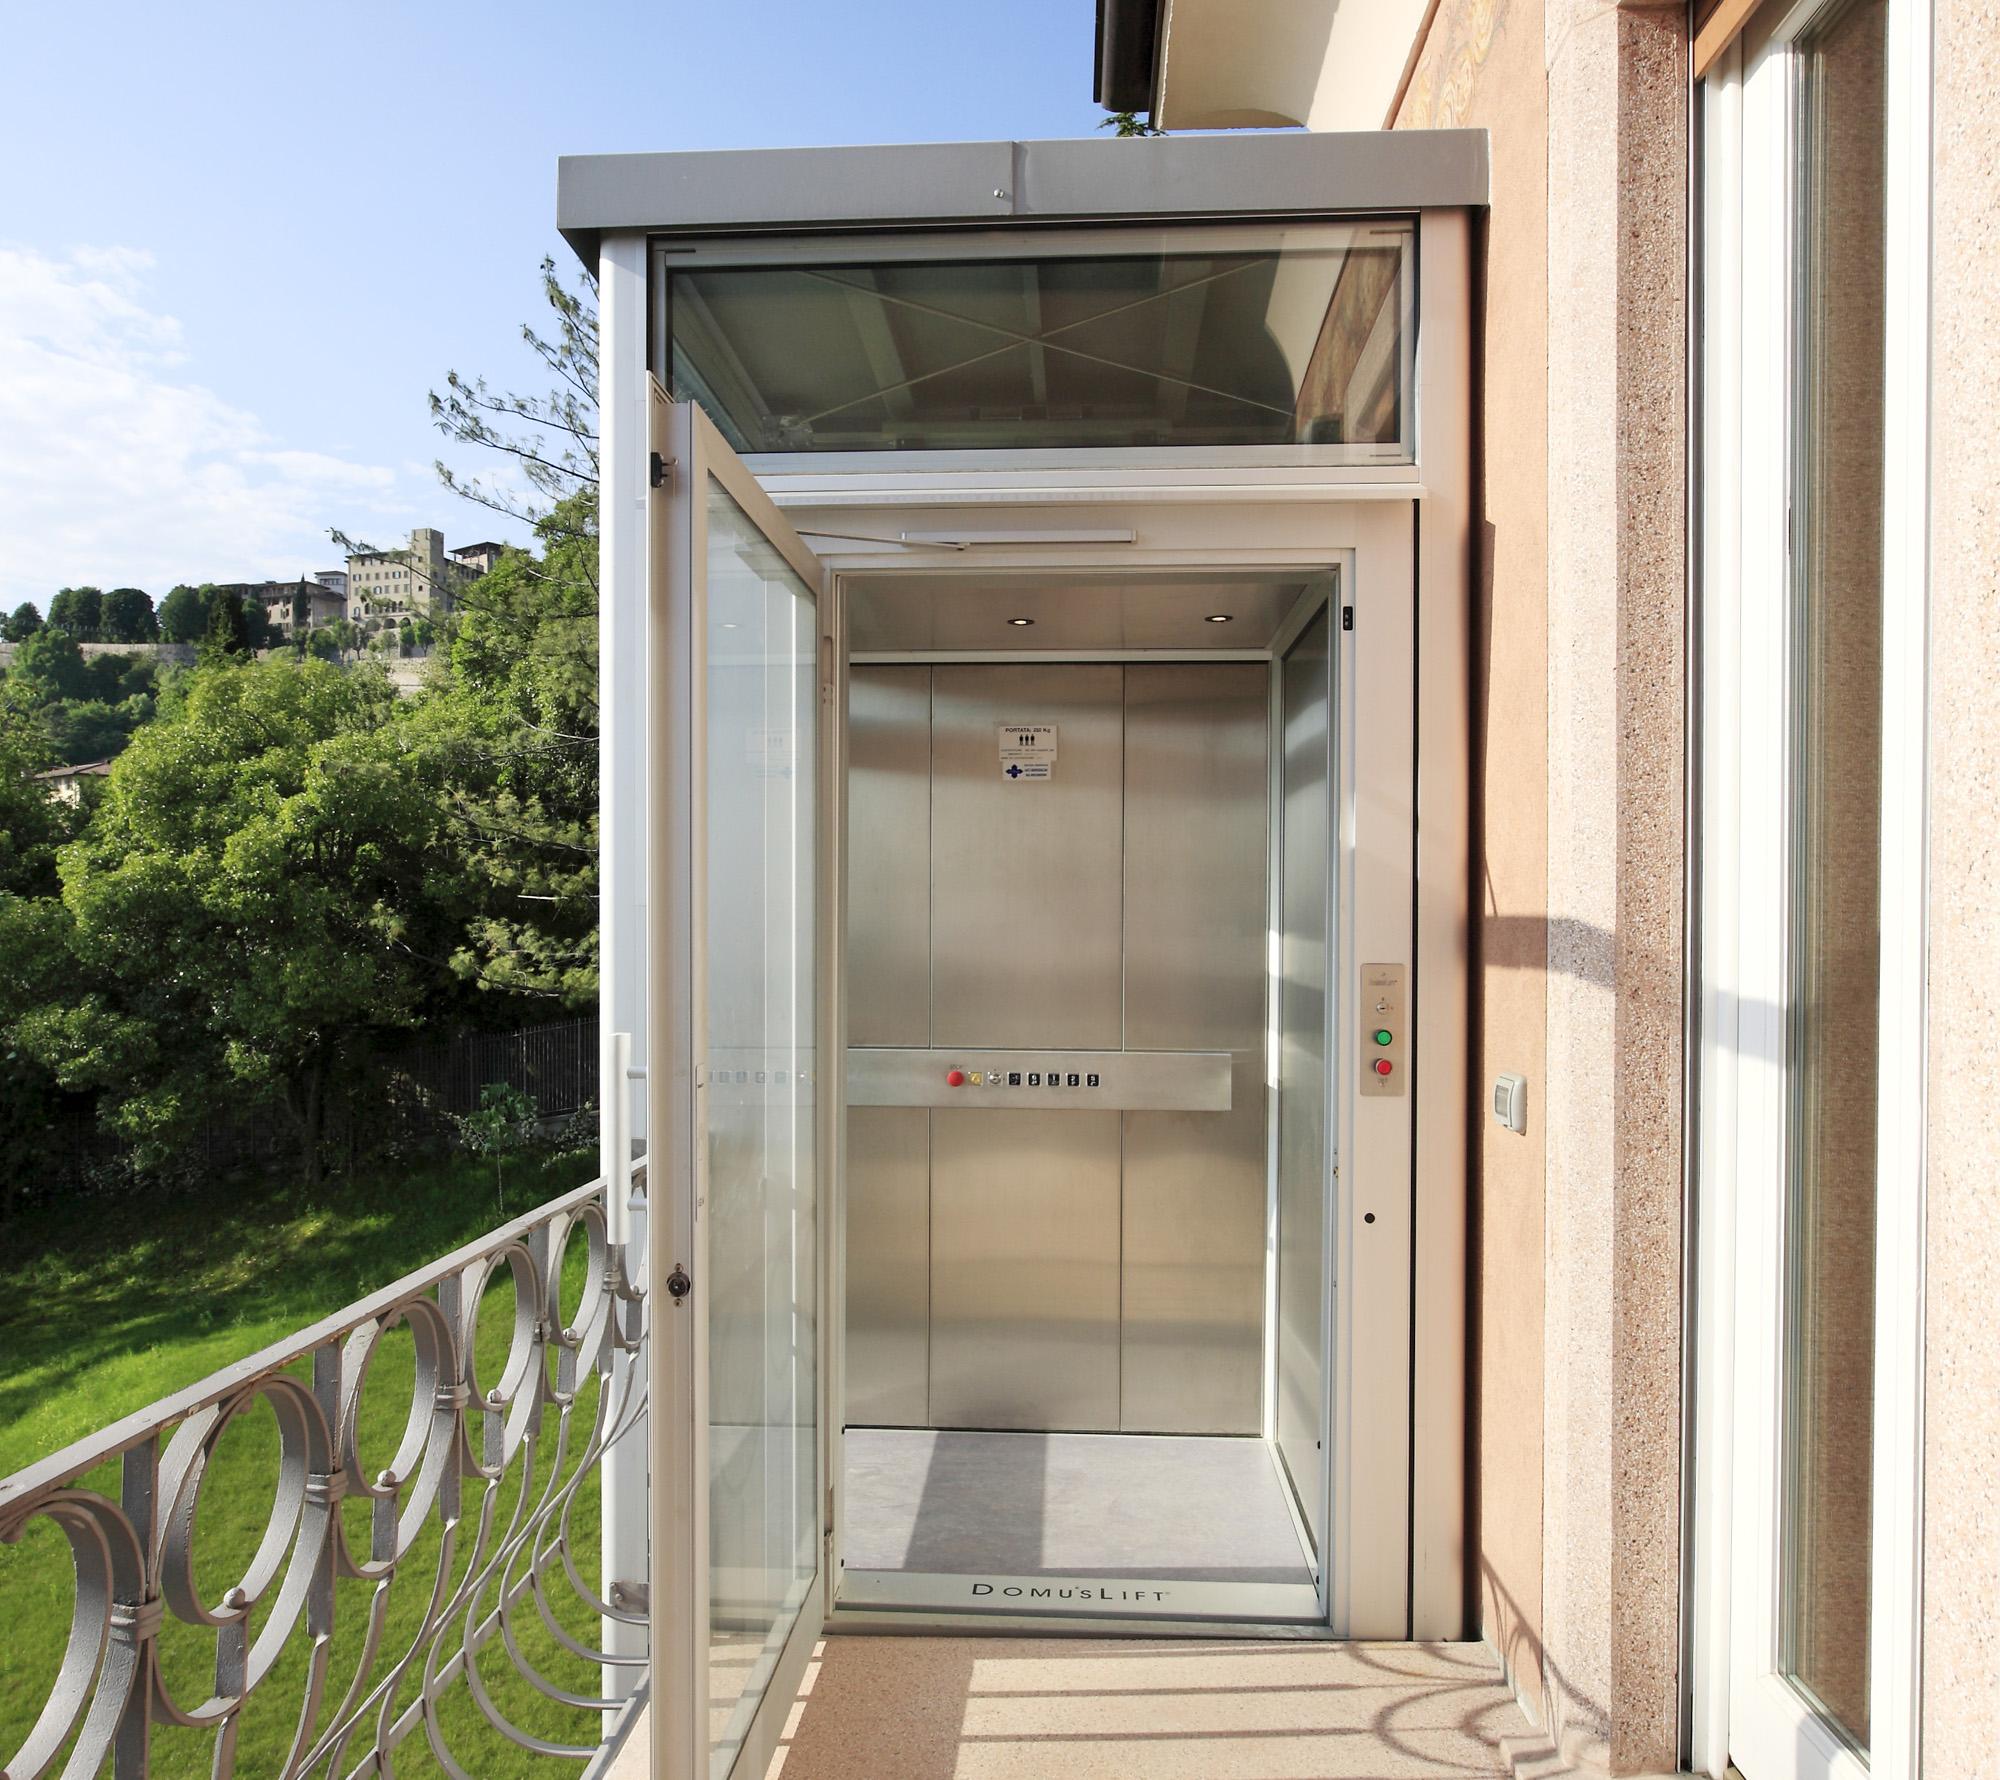 Mini ascensore domuslift igv group for Scadenzario fiscale 2017